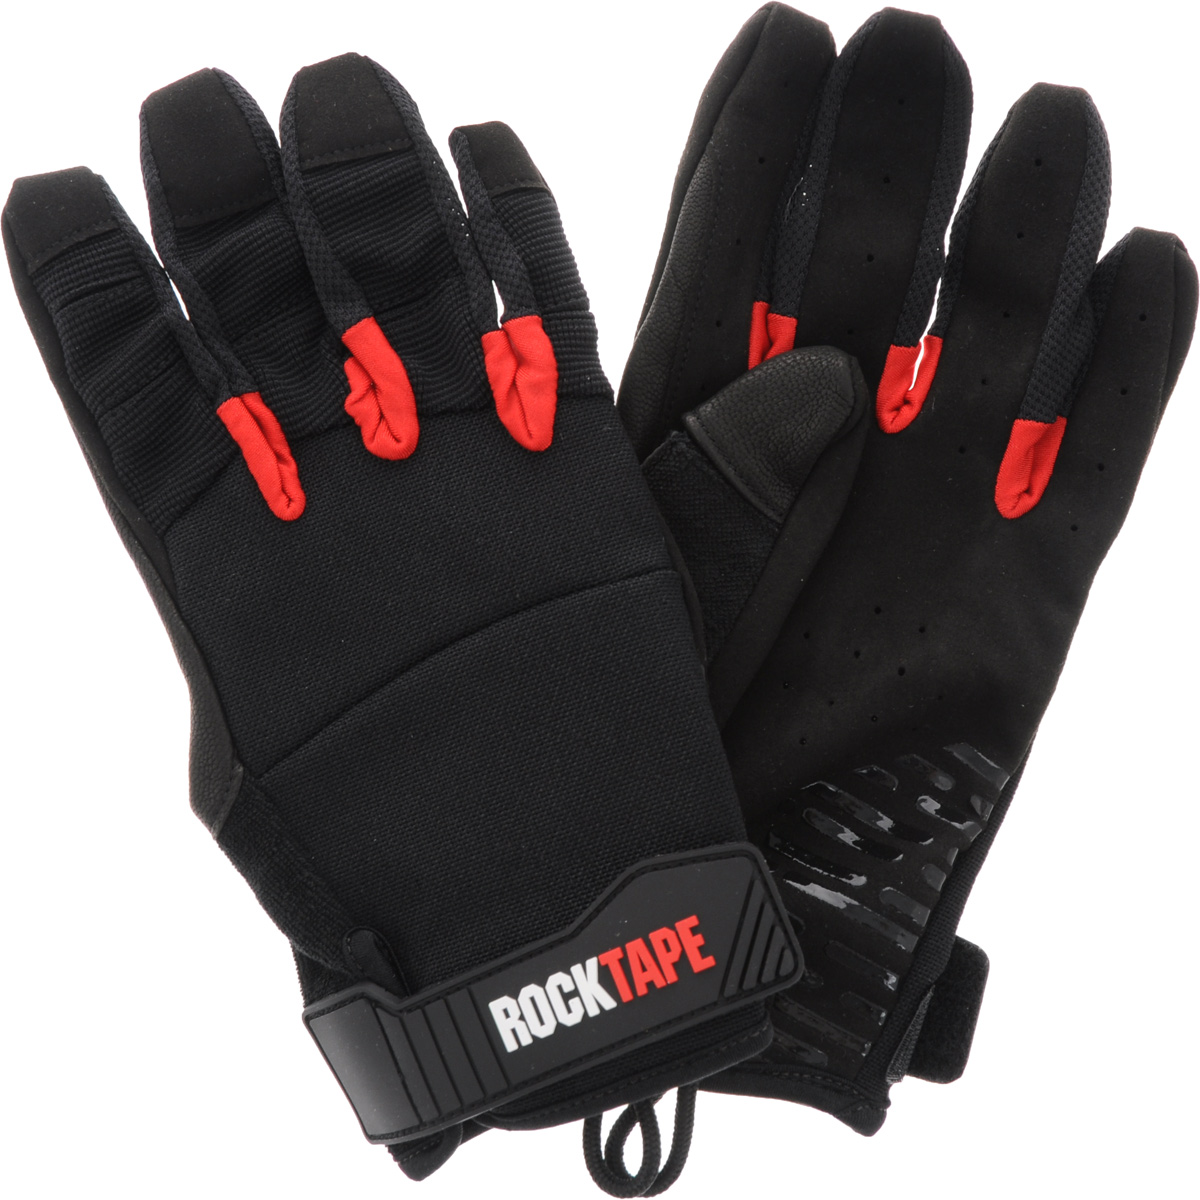 Перчатки Rocktape Talons, цвет: черный, красный. Размер MRTTls-LRocktape Talons - это функциональные перчатки для спорта. Руль велосипеда, турник, штанга - за что бы вы ни взялись, перчатки обеспечат максимальную защиту и поддержку! Уверенный хват и больше никаких стертых рук, волдырей и мозолей!Особенности перчаток:Дружелюбны к сенсорным экранам.Без швов на ладонях.Силиконовая накладка false-grip поможет в выходах силой.Защита большого пальца при захвате штанги.Впитывают пот.Дышащий материал по боковым поверхностям пальцев.Удобные петли.Рассчитаны на работу с мелом.Обхват ладони ниже костяшки: 20 см.